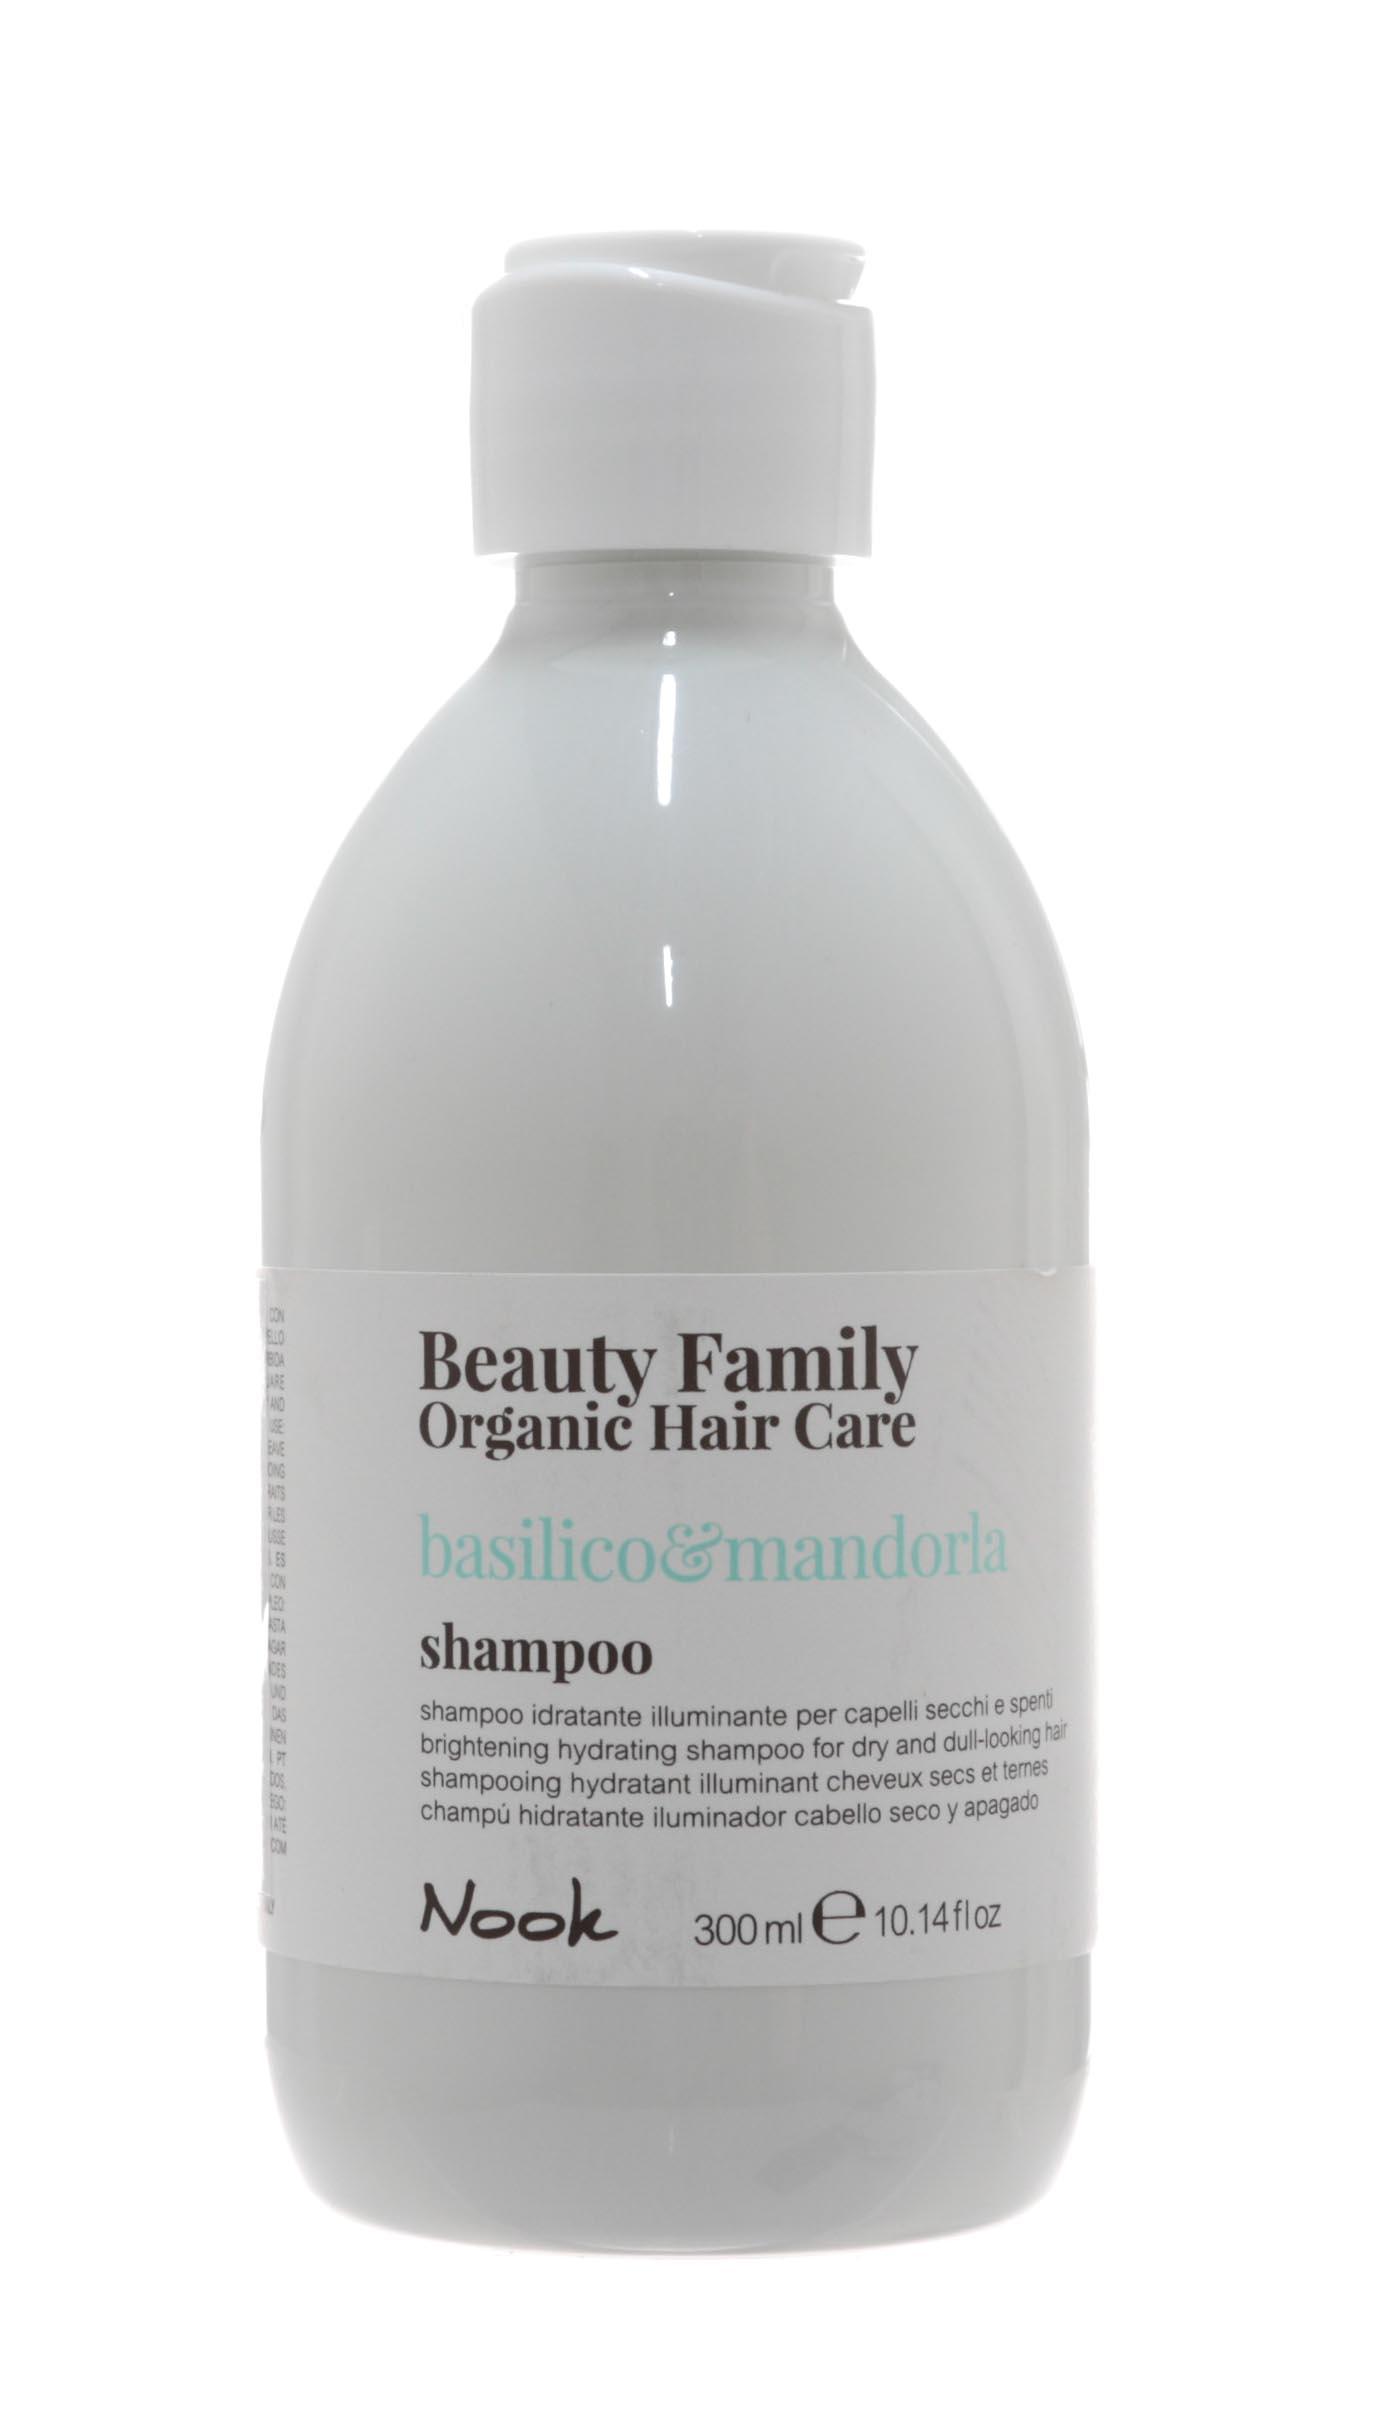 Купить Nook Шампунь для сухих и тусклых волос Basilico&Mandorla, 300 мл (Nook, Beauty Family)